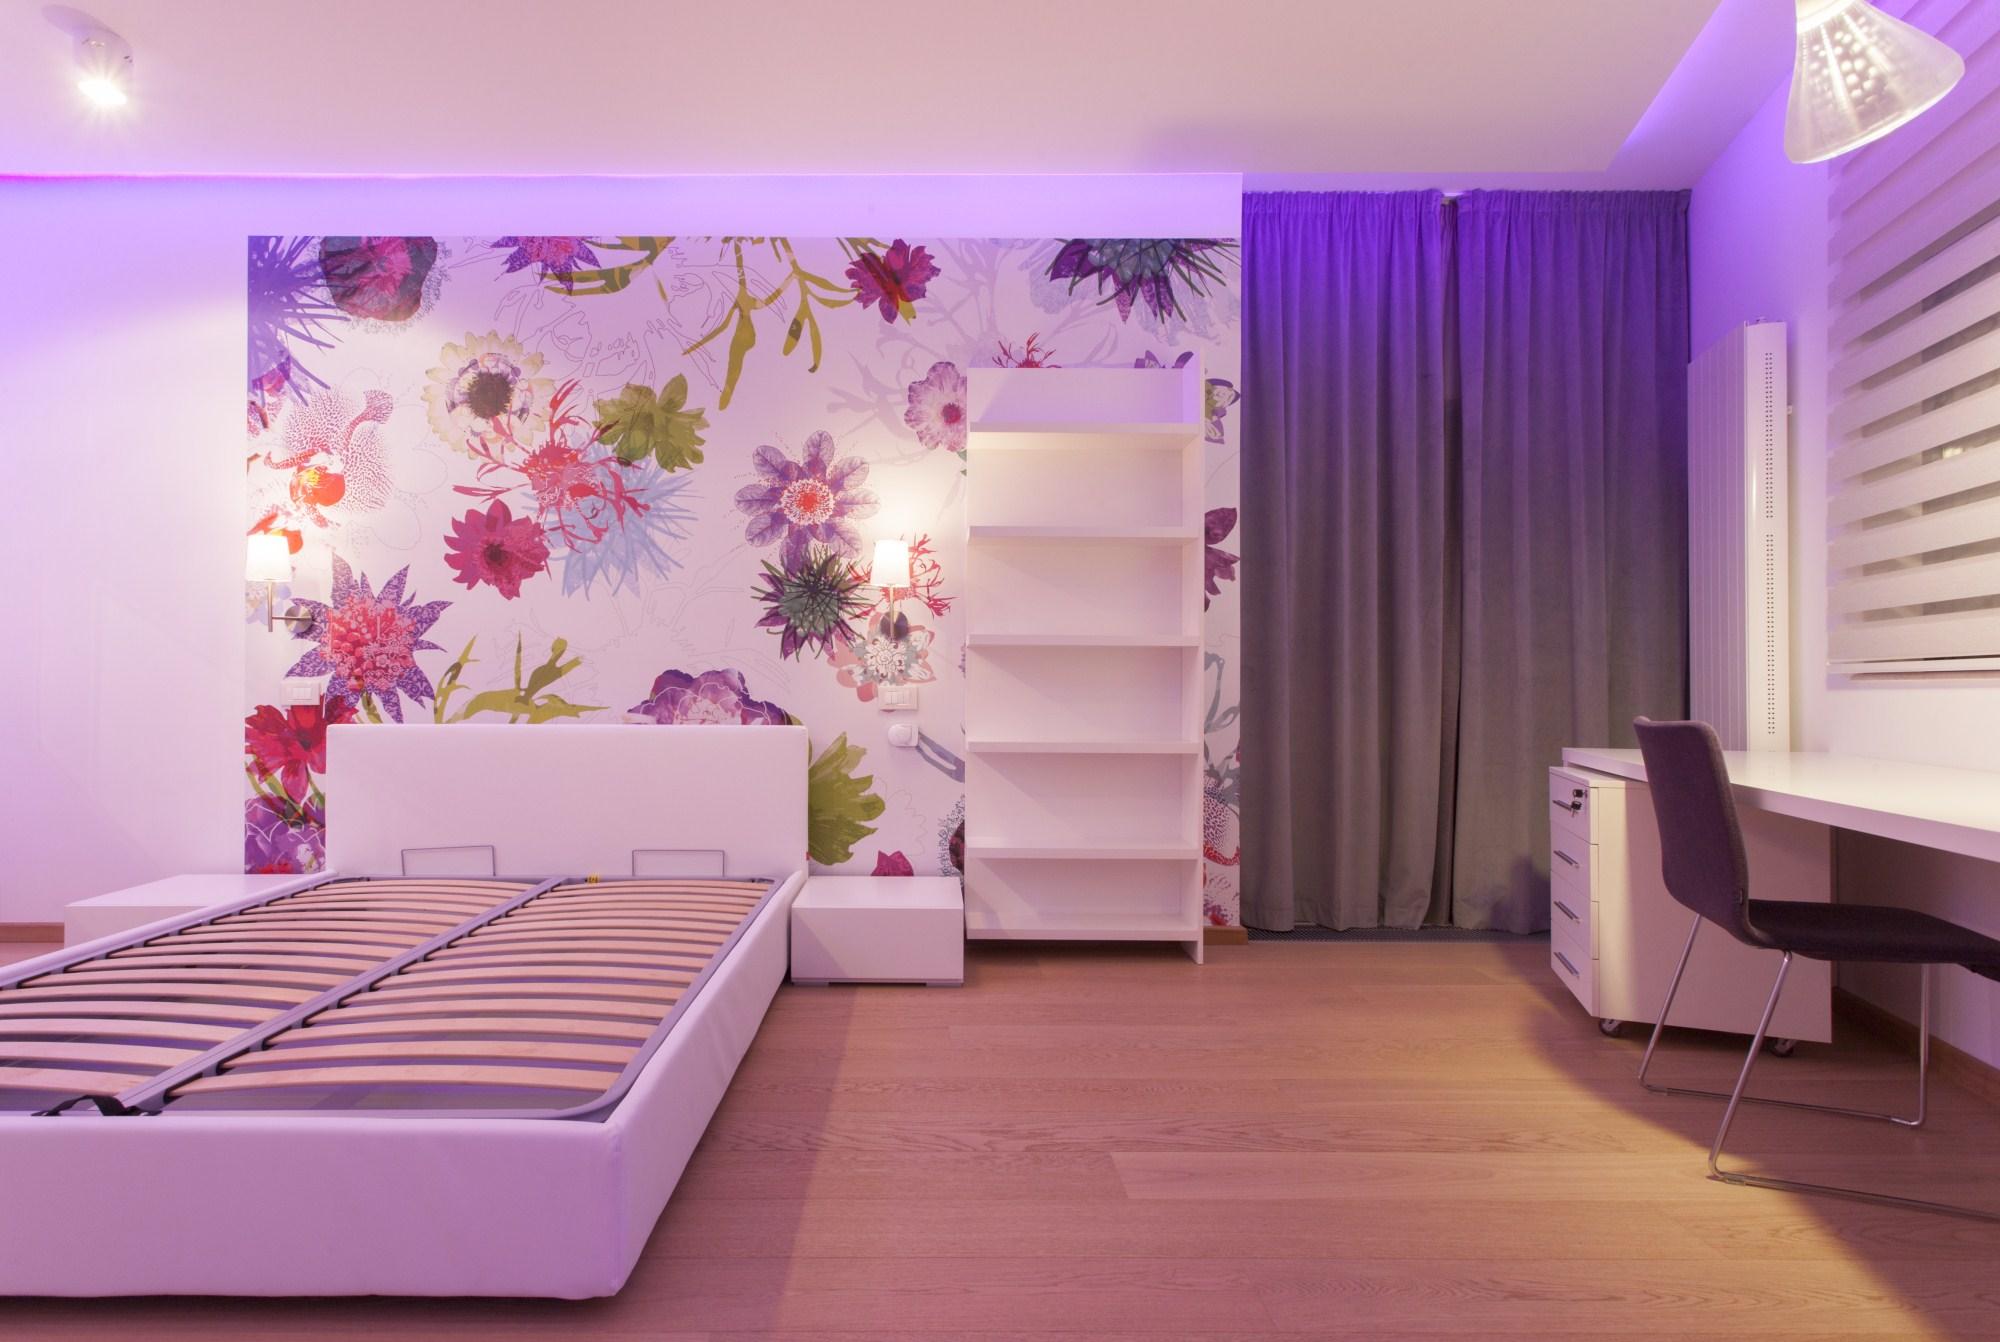 https://nbc-arhitect.ro/wp-content/uploads/2020/11/NBC-Arhitect-_-interior-design-_-Petofi-Sandor-_-Romania_2.jpg